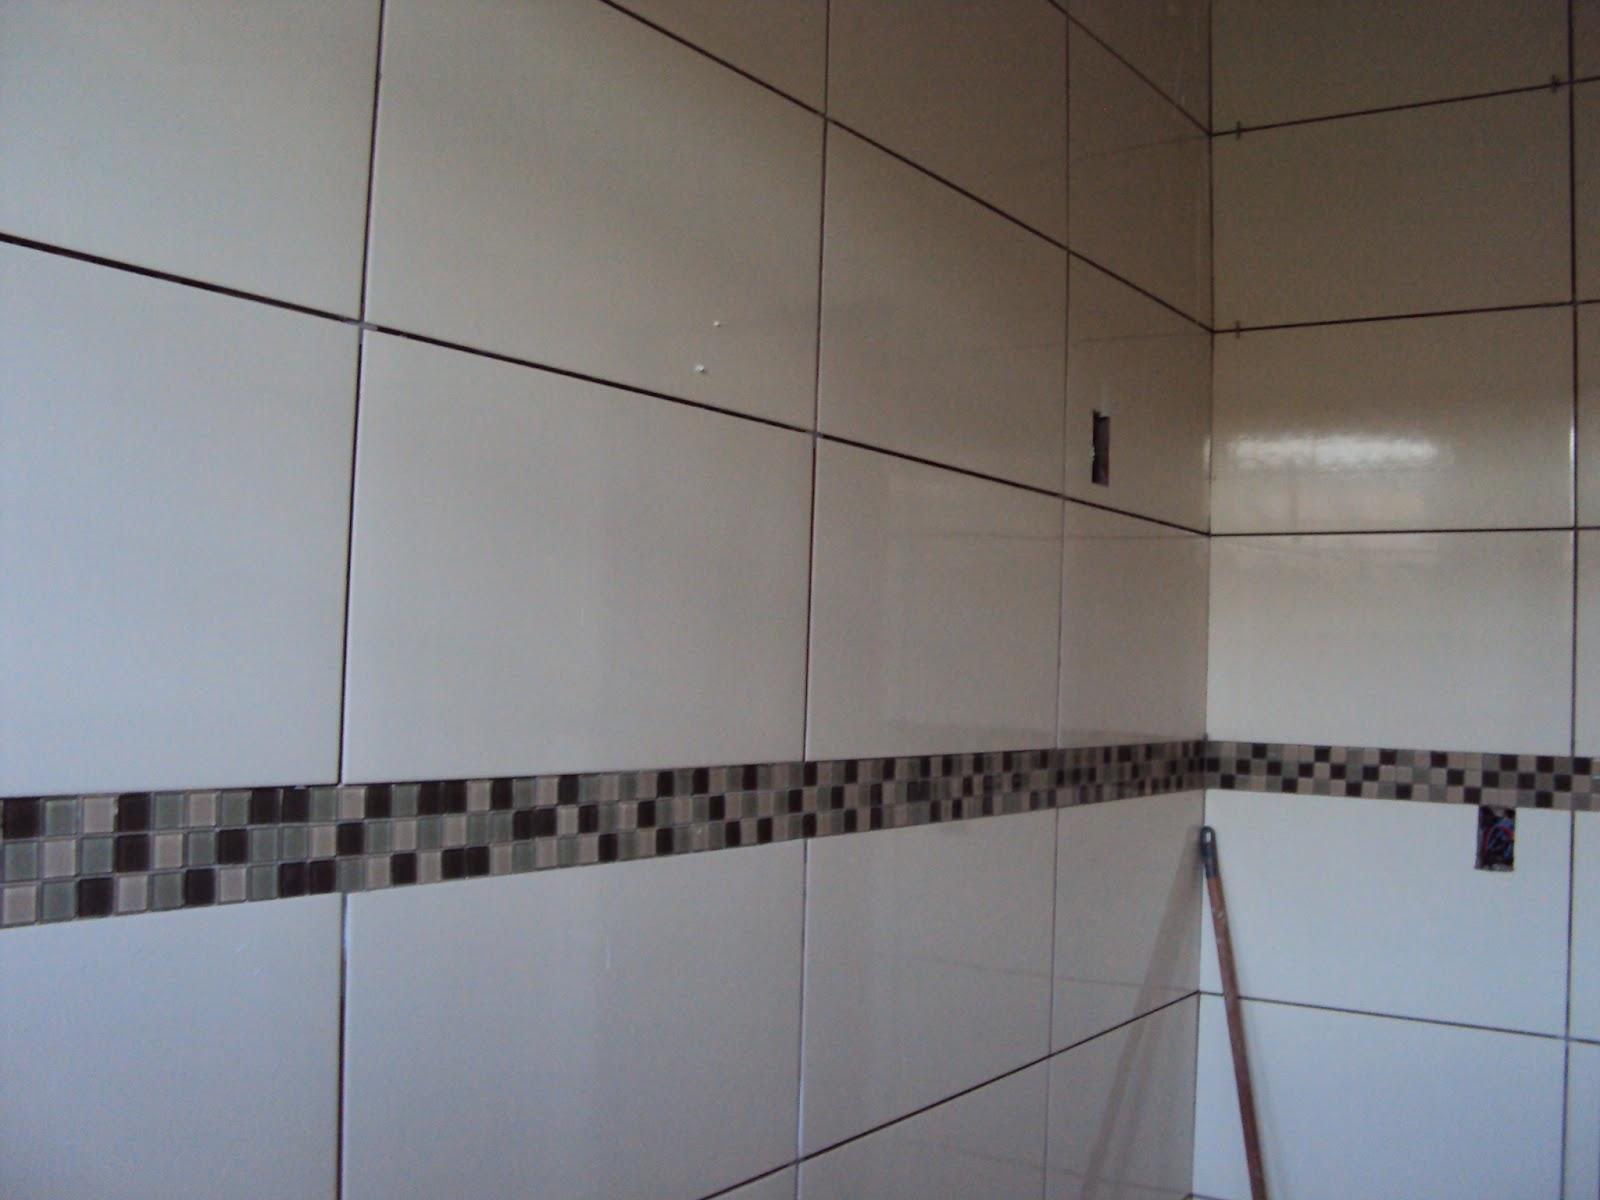 VIAGEM 2014: Gesso e revestimentos dos banheiros!! #546377 1600 1200